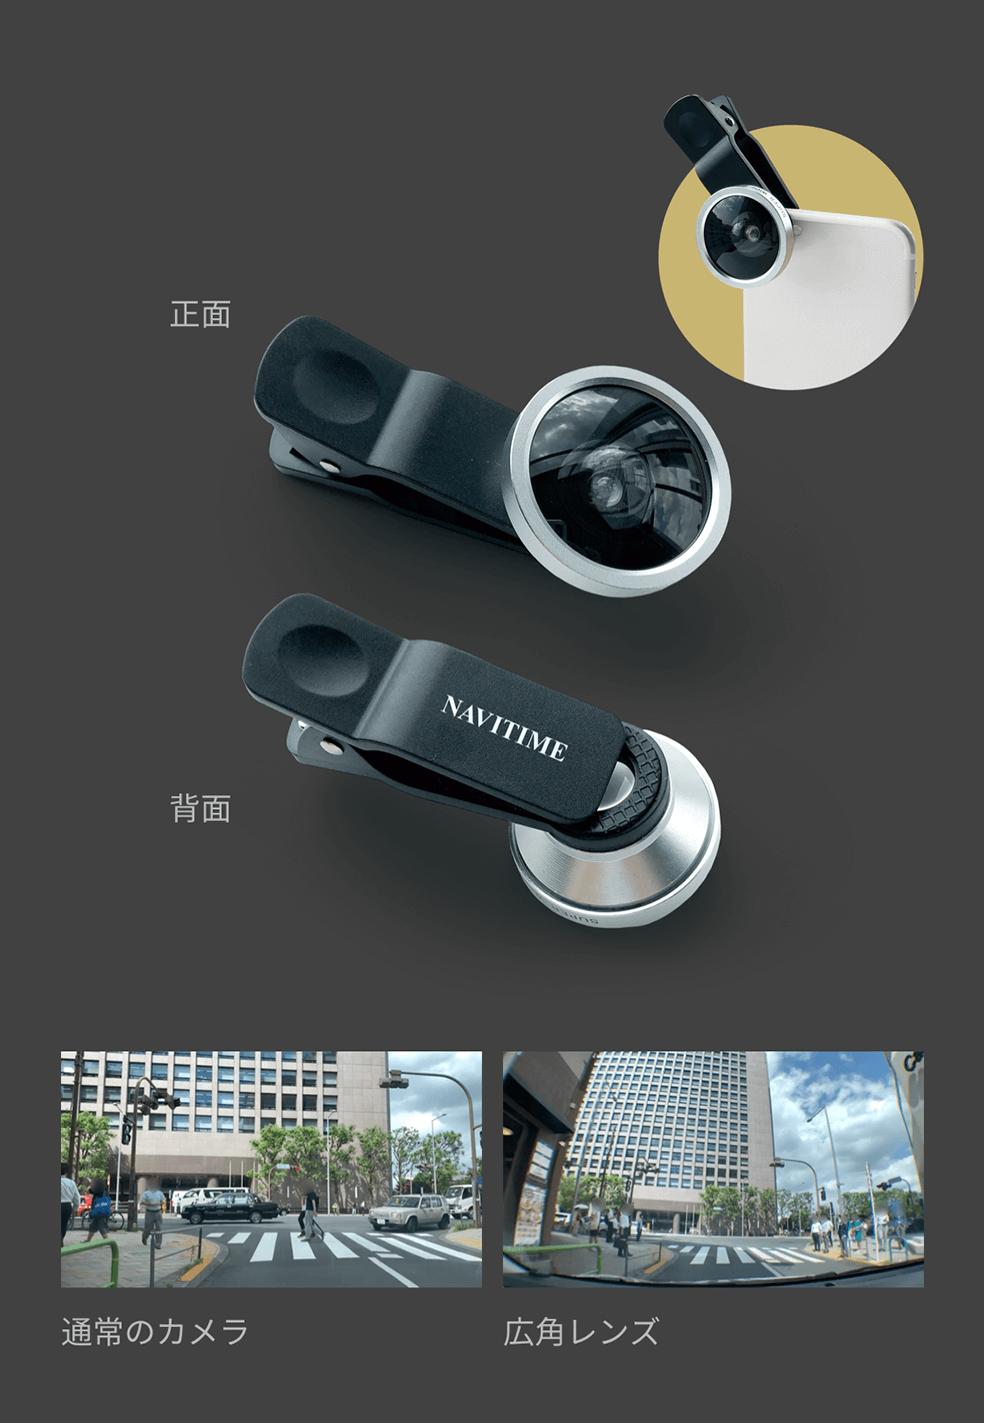 img-camera-gray@3x (2).png